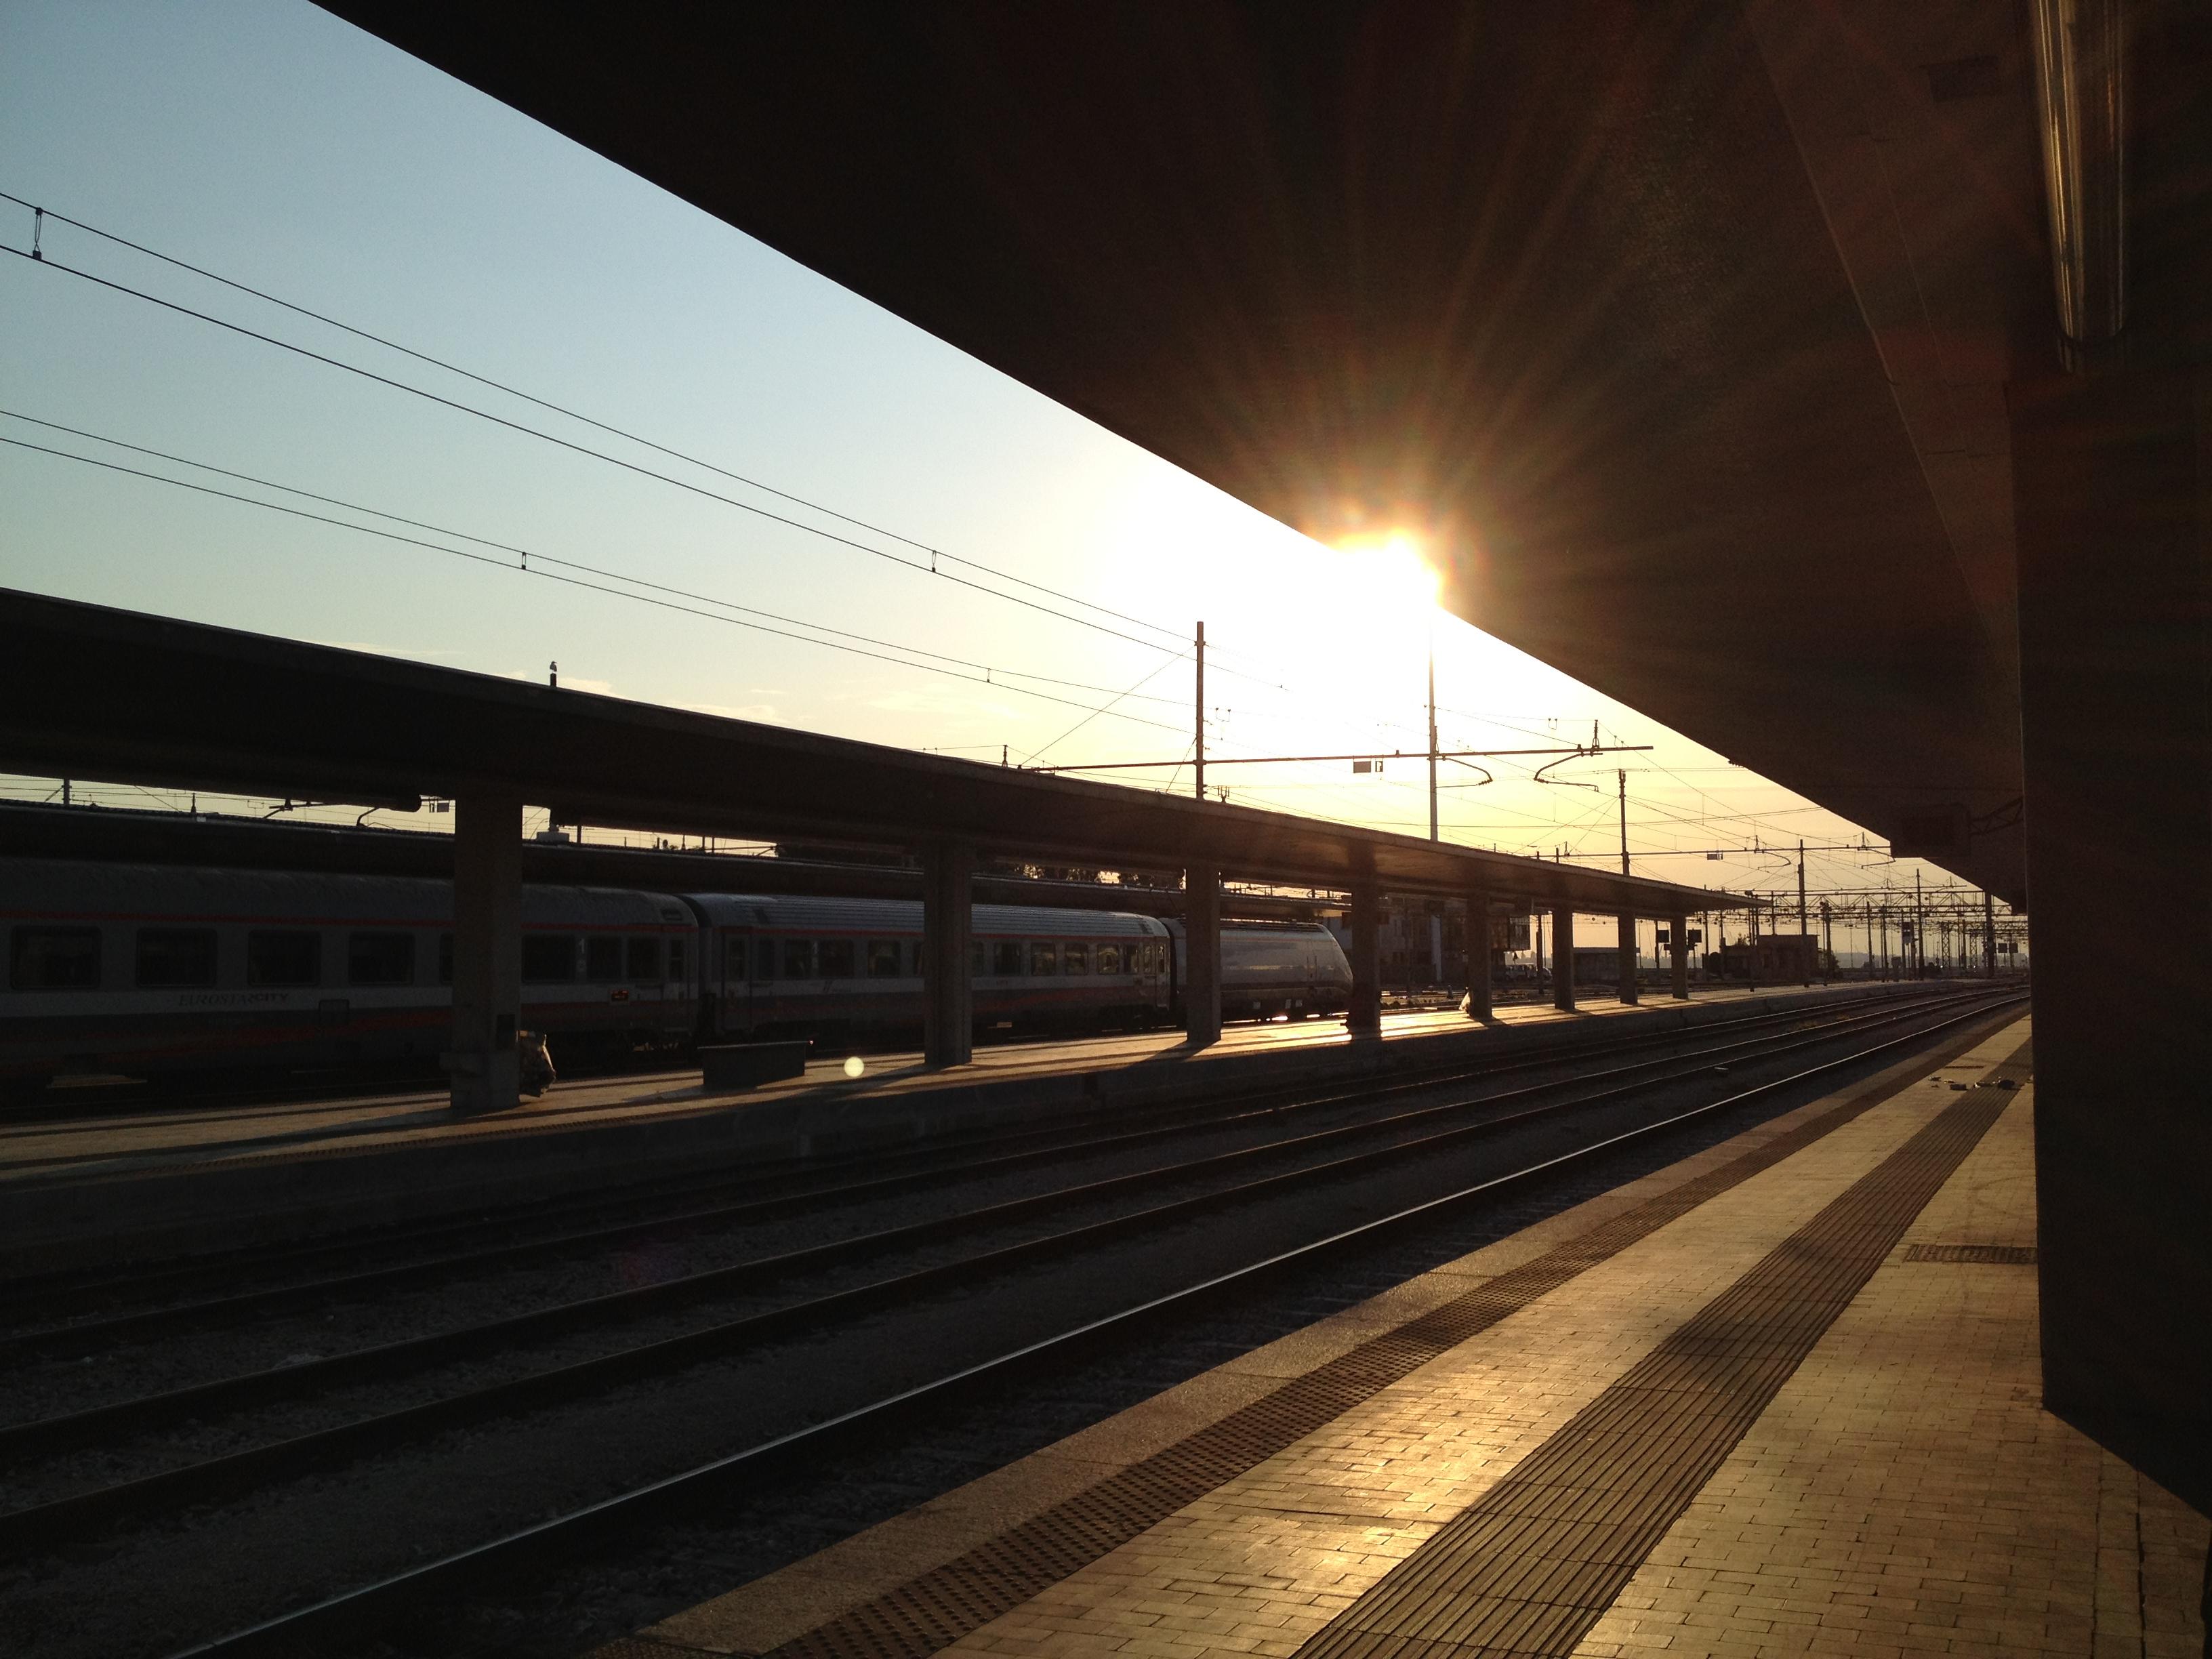 treno da Venezia dopo la mezzanotte